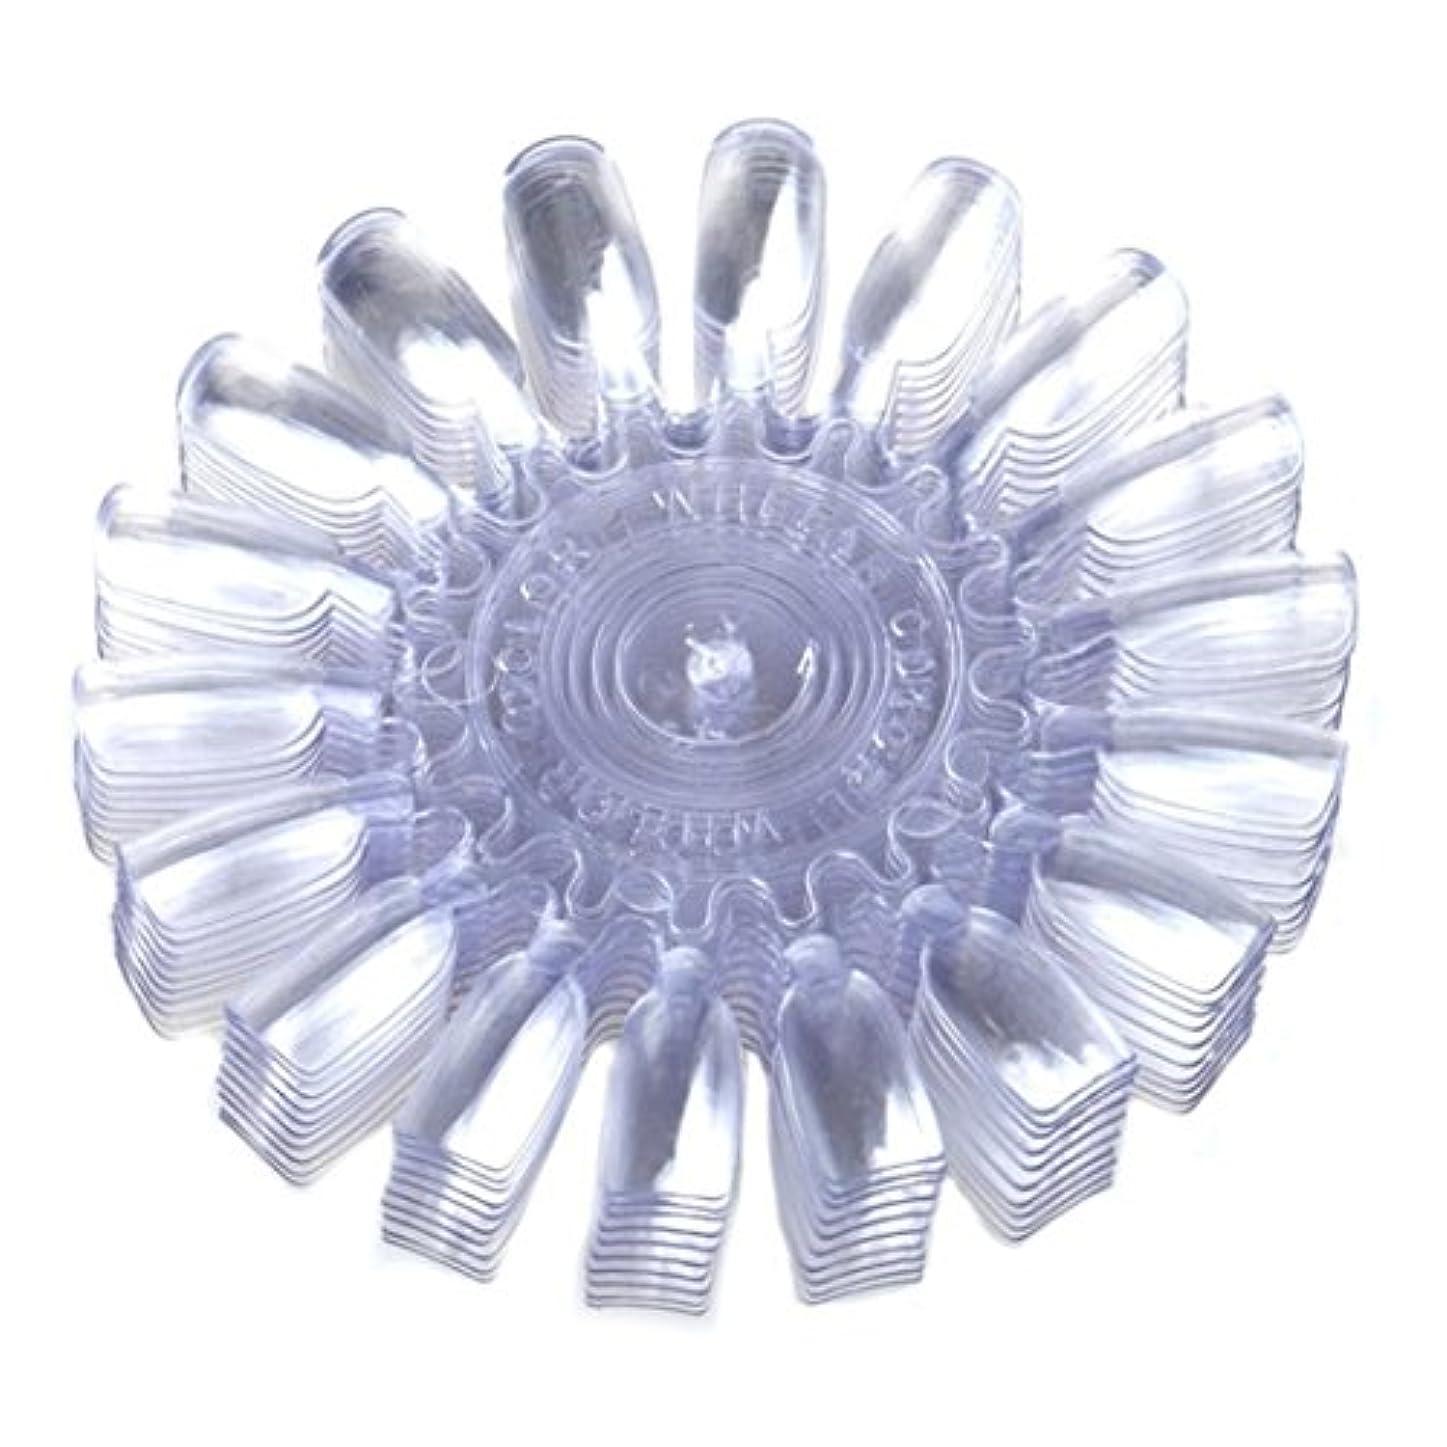 予防接種する瞑想的変動するSODIAL 10個 メークアップ化粧ネイル ポーランドカラーカートゥーンカラーチャート 18ディスプレー クリアー